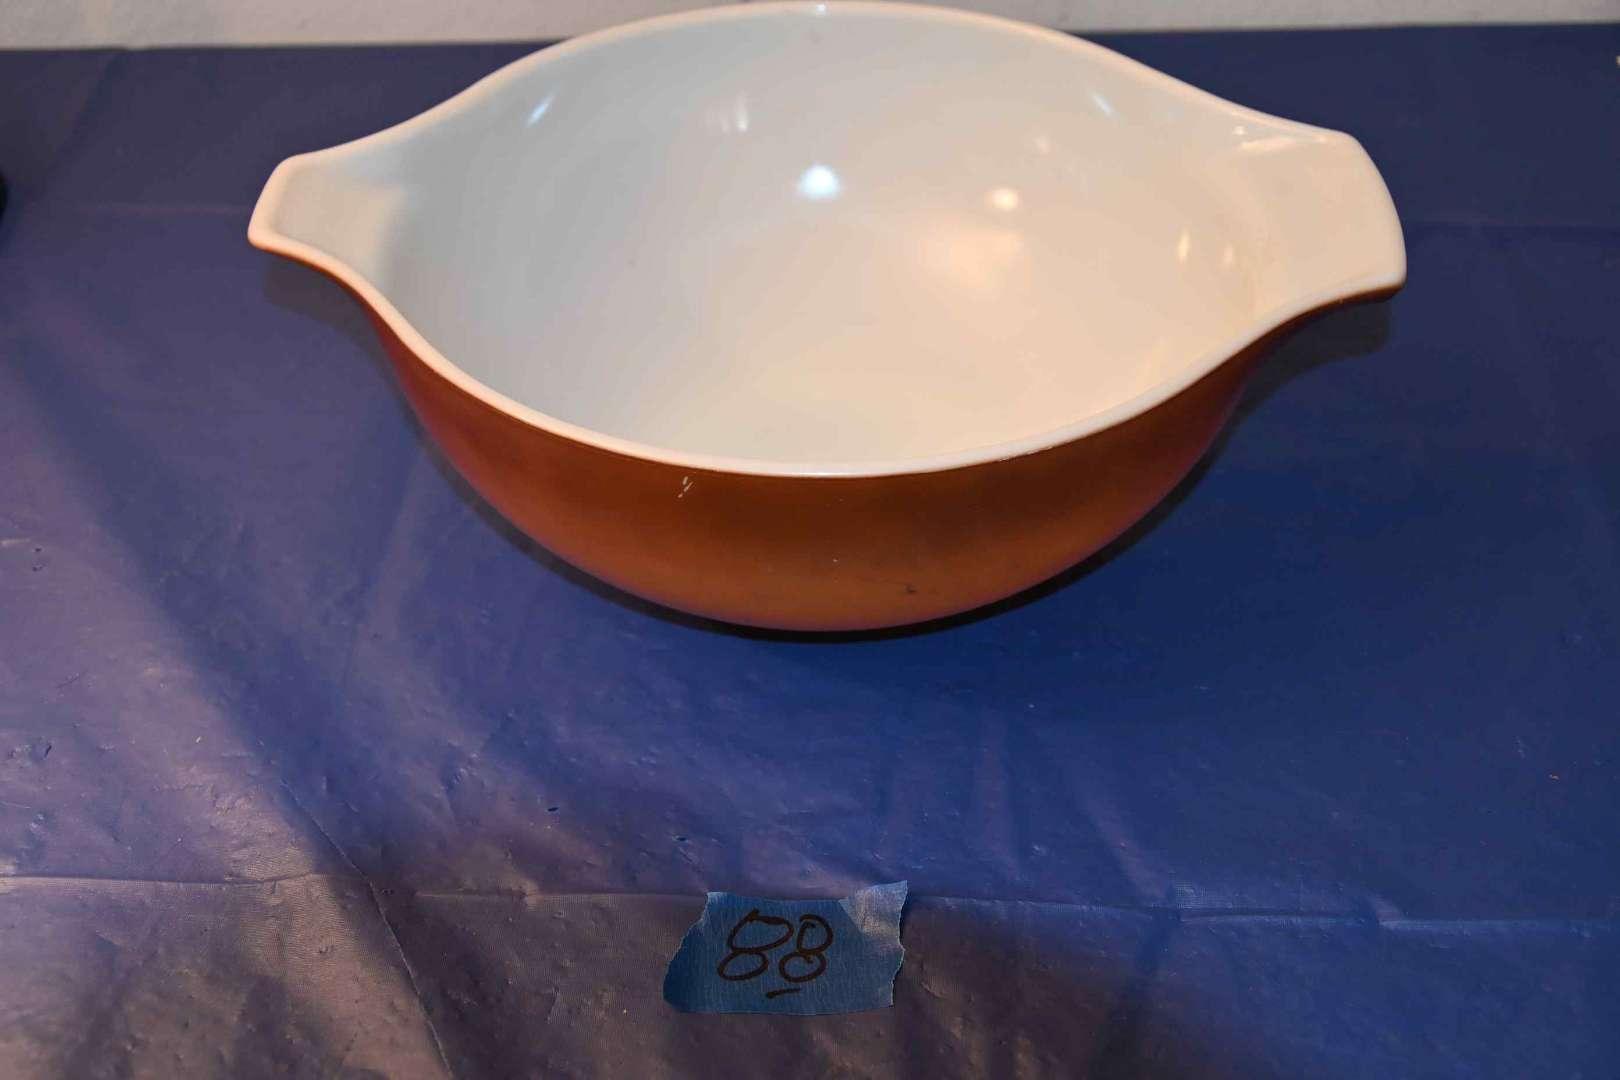 Lot # 88 PYREX brown double spout bowl